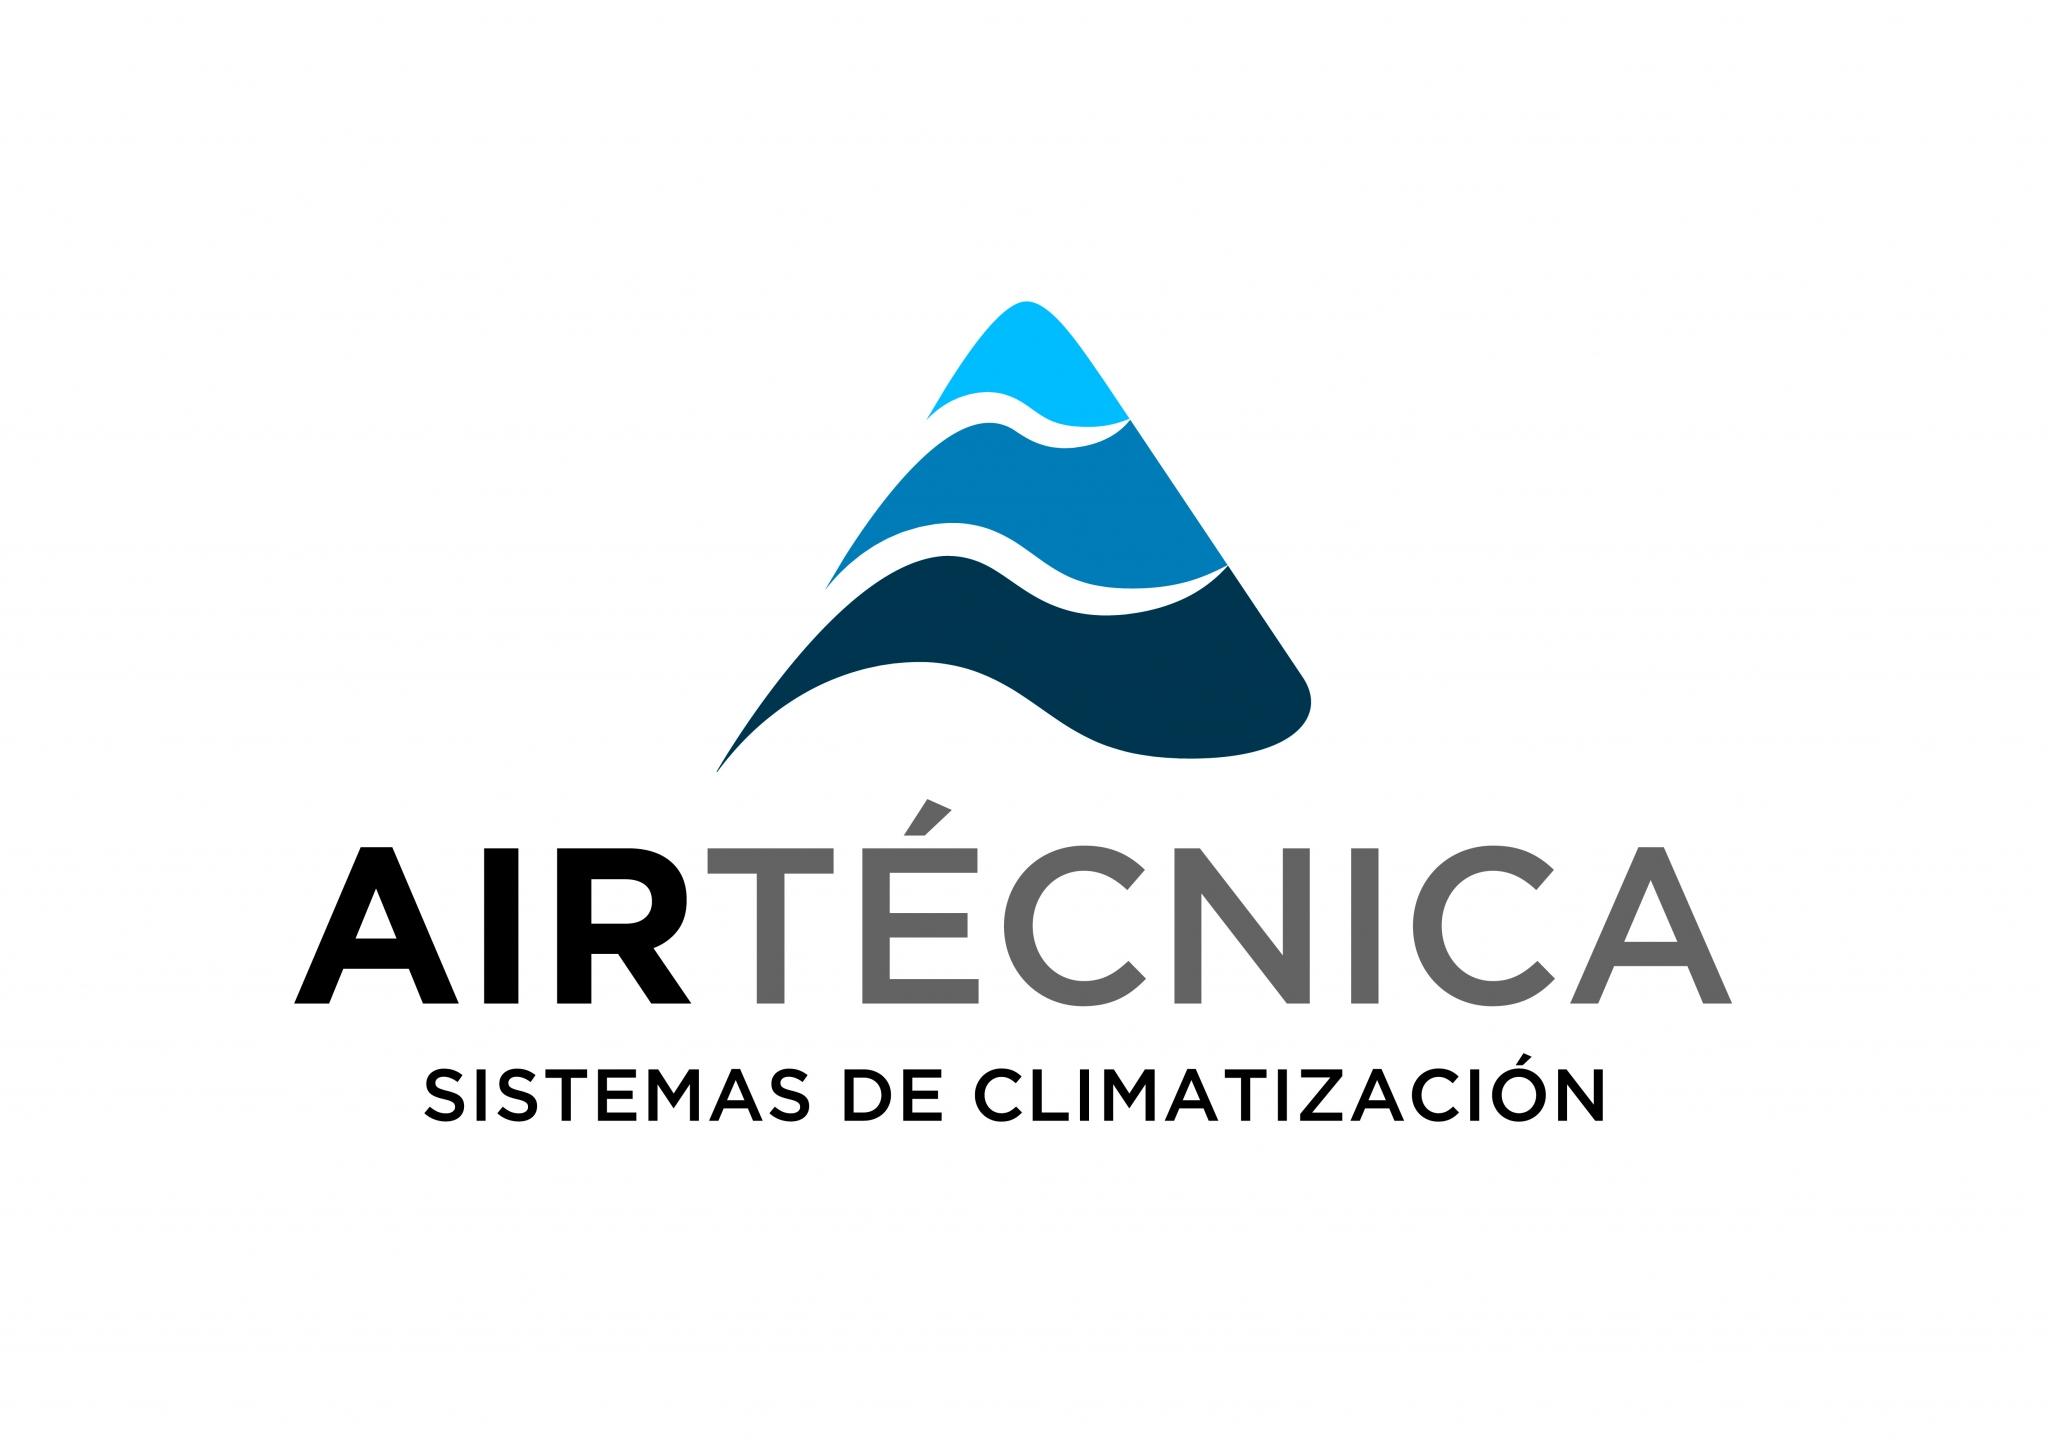 Airtecnica